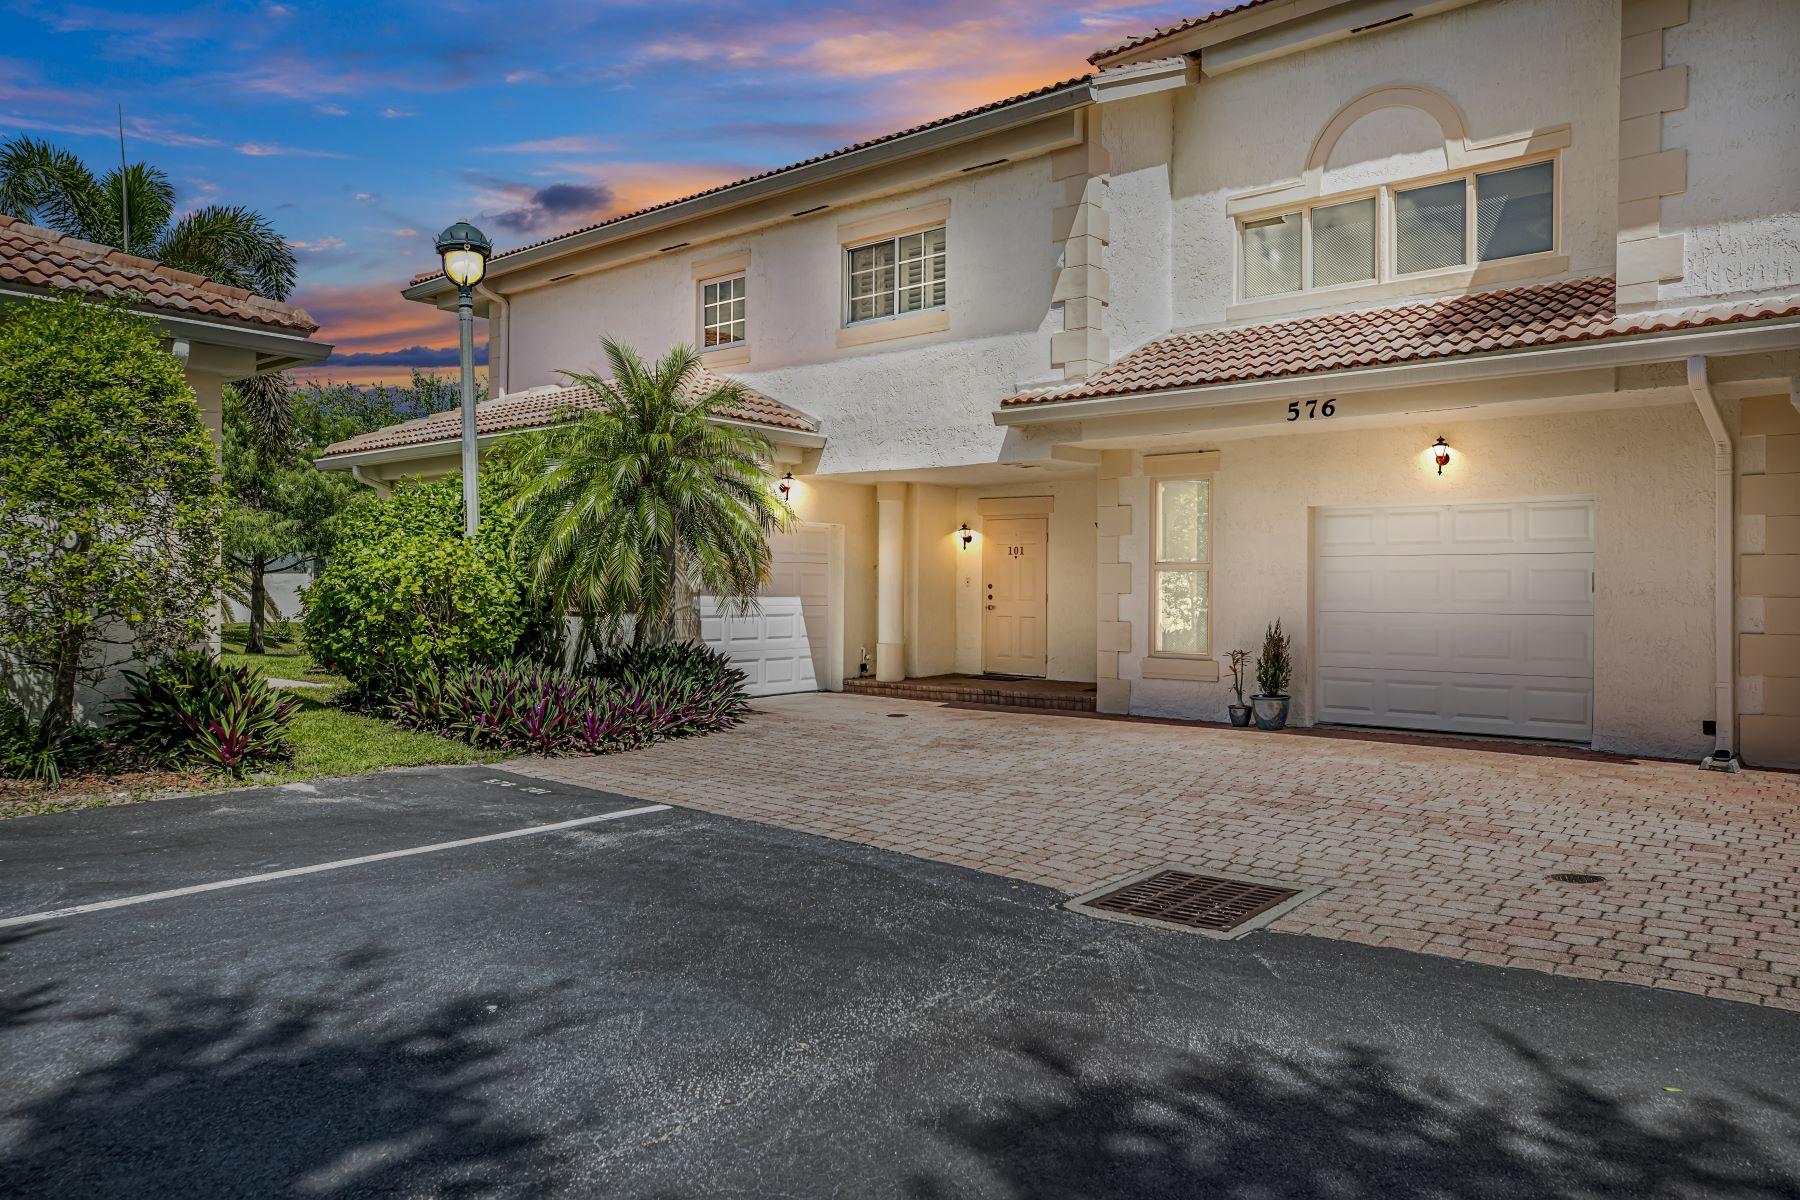 for Sale at 576 7th Square, #101, Vero Beach, FL 576 7th Square, 101 Vero Beach, Florida 32962 United States